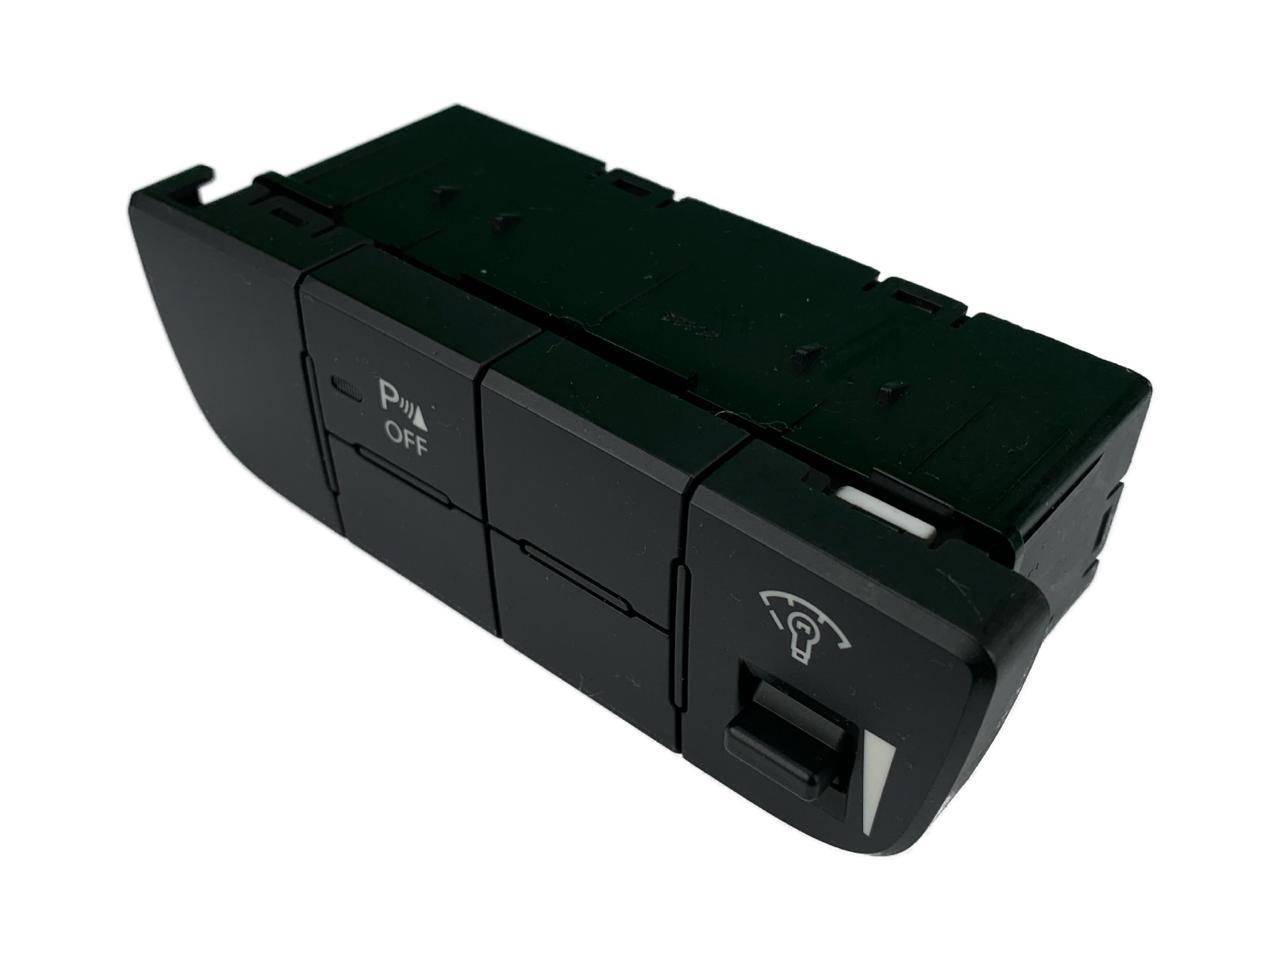 Botão Interruptor de Luz Iluminação do Painel Reostato e Sensor de Estacionamento Hyundai Veloster 010 011 012 013